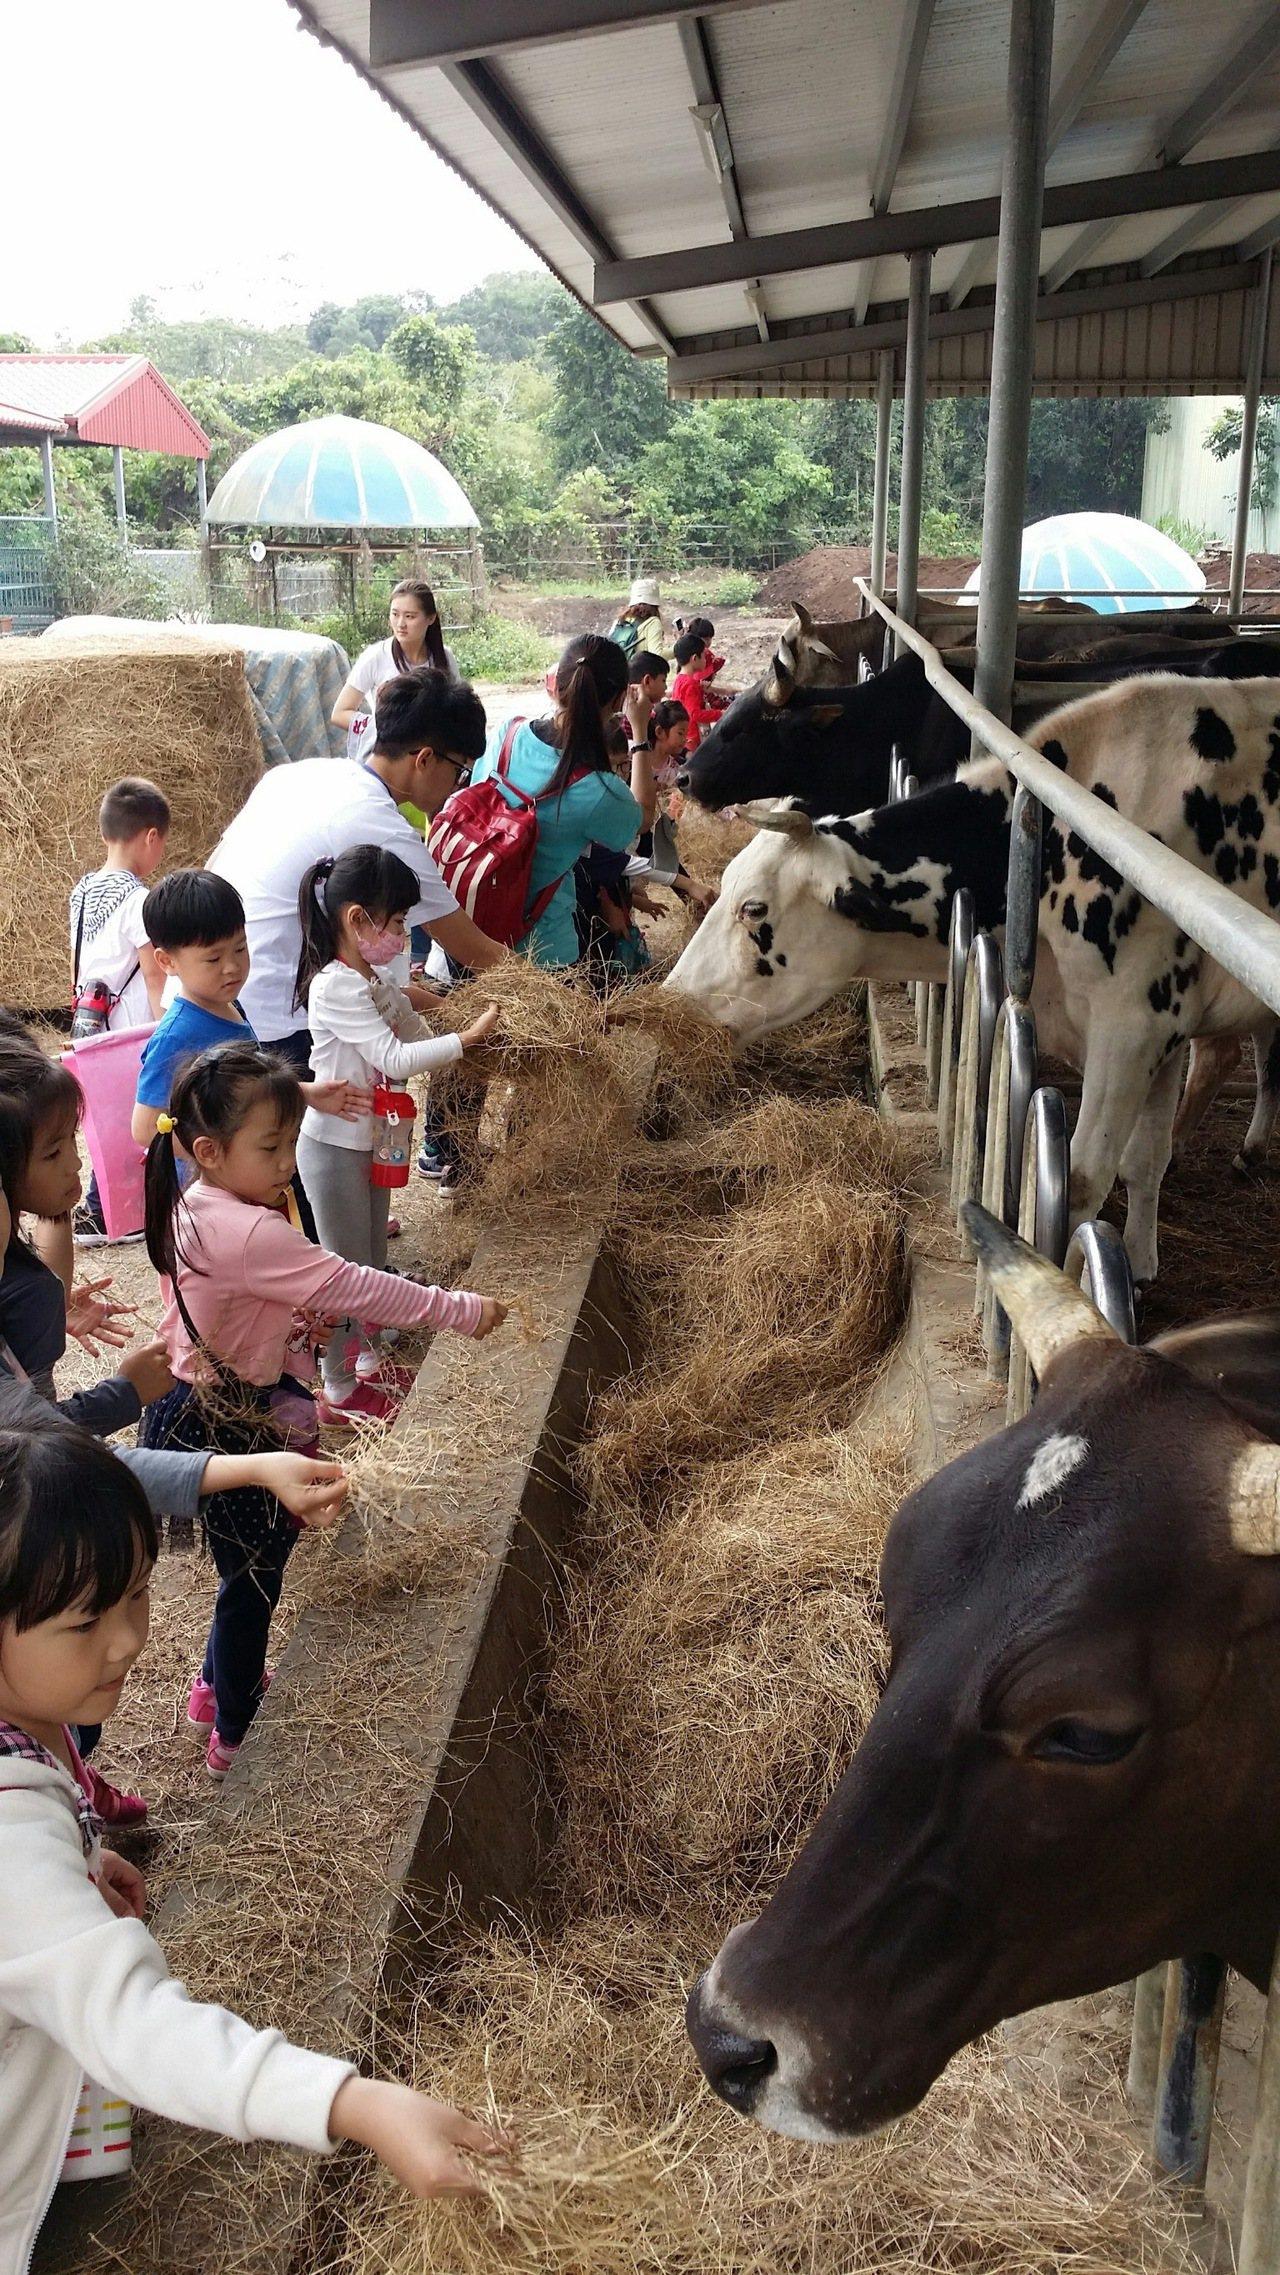 元旦連假將至,園區可愛動物區可提供大小朋友餵食。記者謝進盛/翻攝